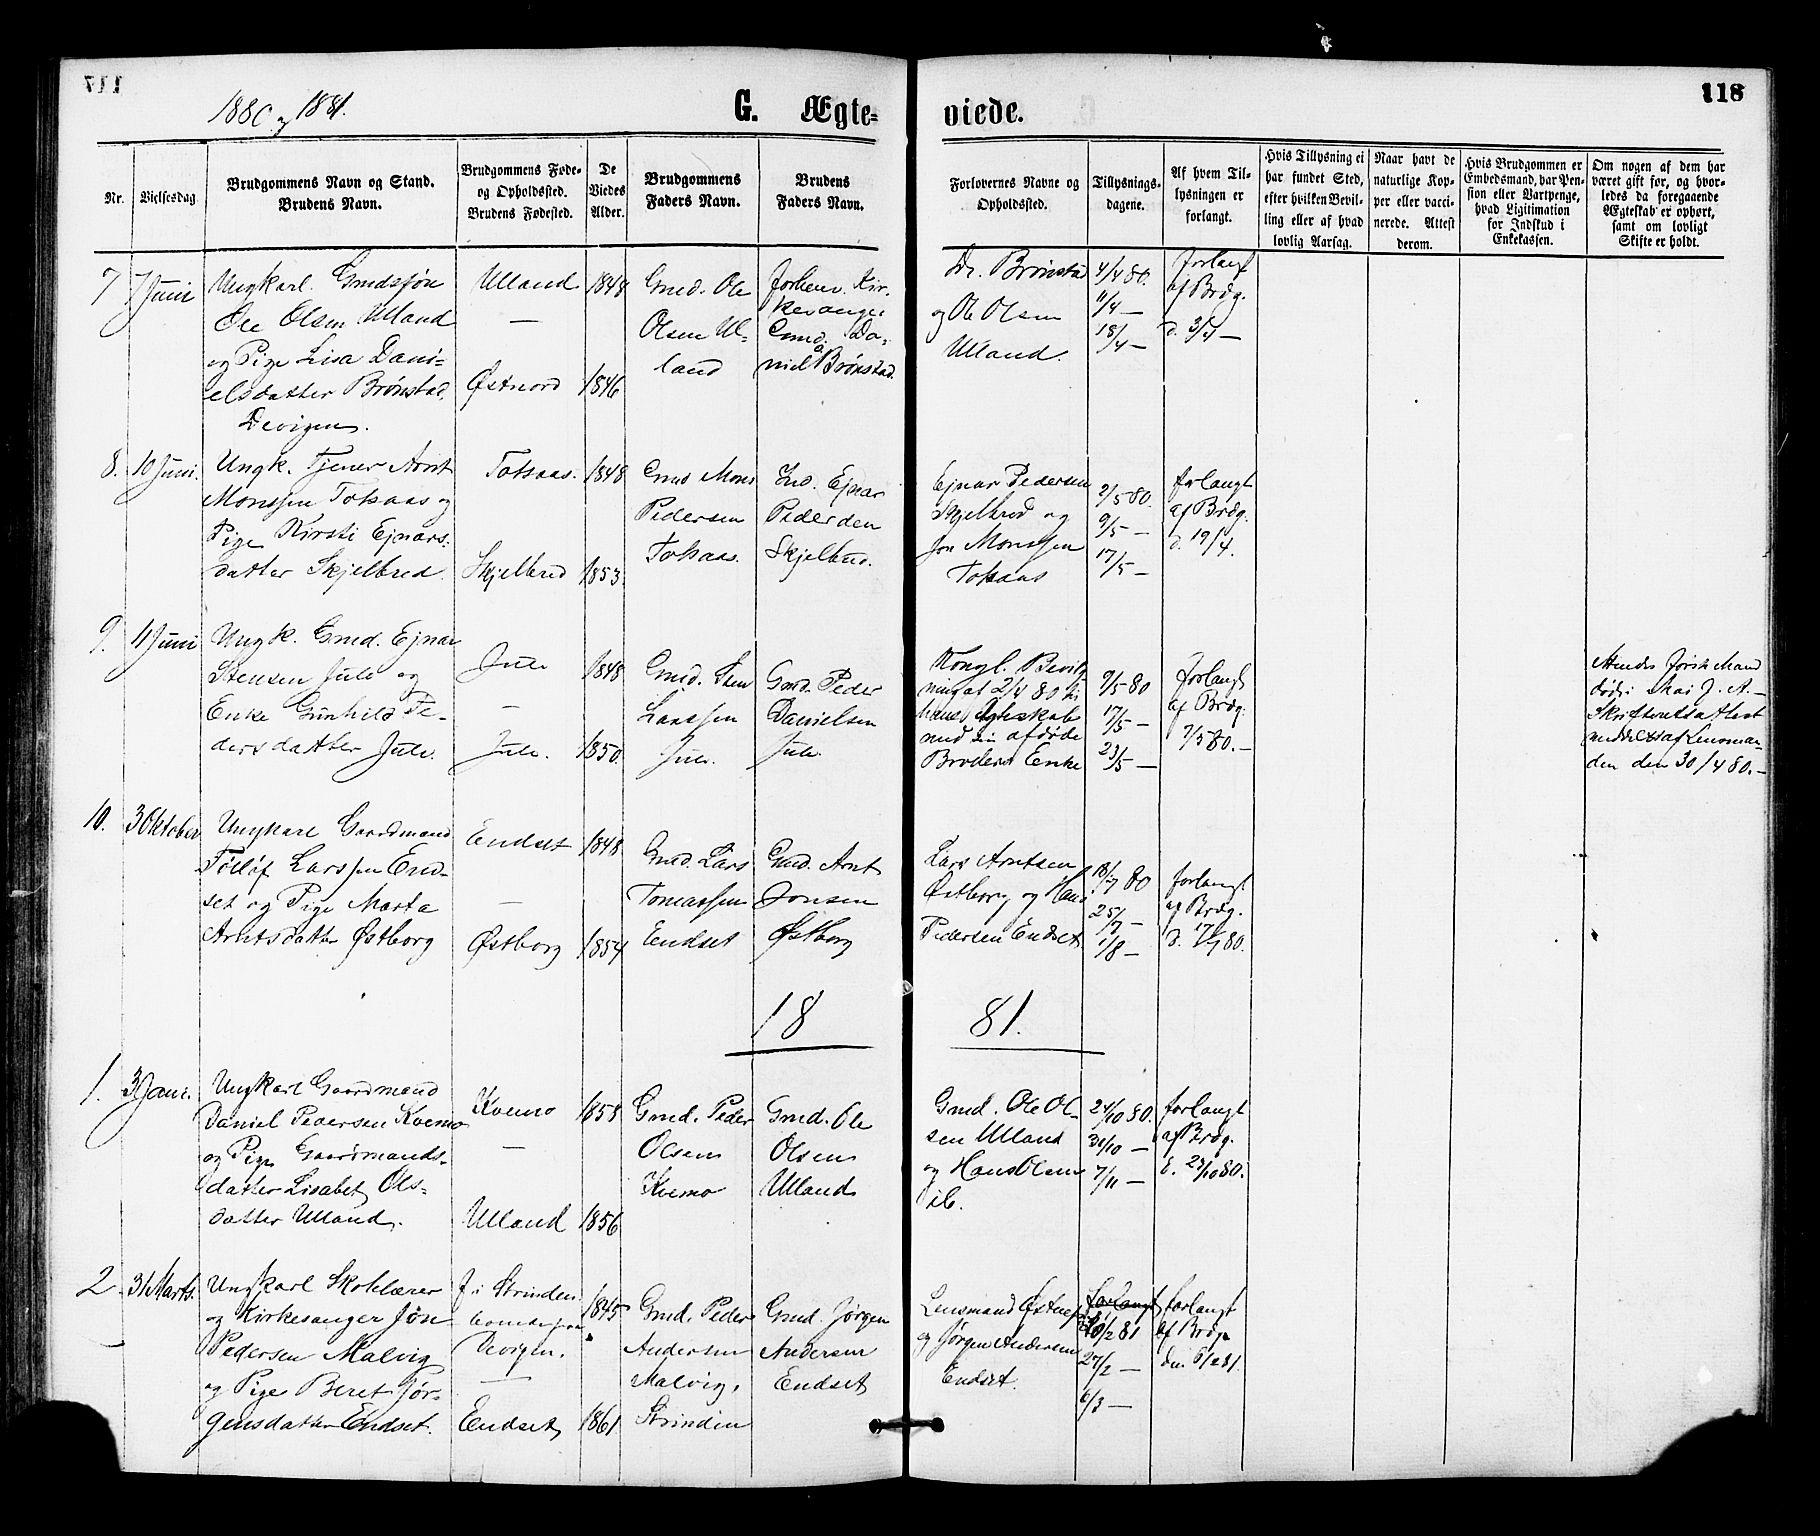 SAT, Ministerialprotokoller, klokkerbøker og fødselsregistre - Nord-Trøndelag, 755/L0493: Ministerialbok nr. 755A02, 1865-1881, s. 118